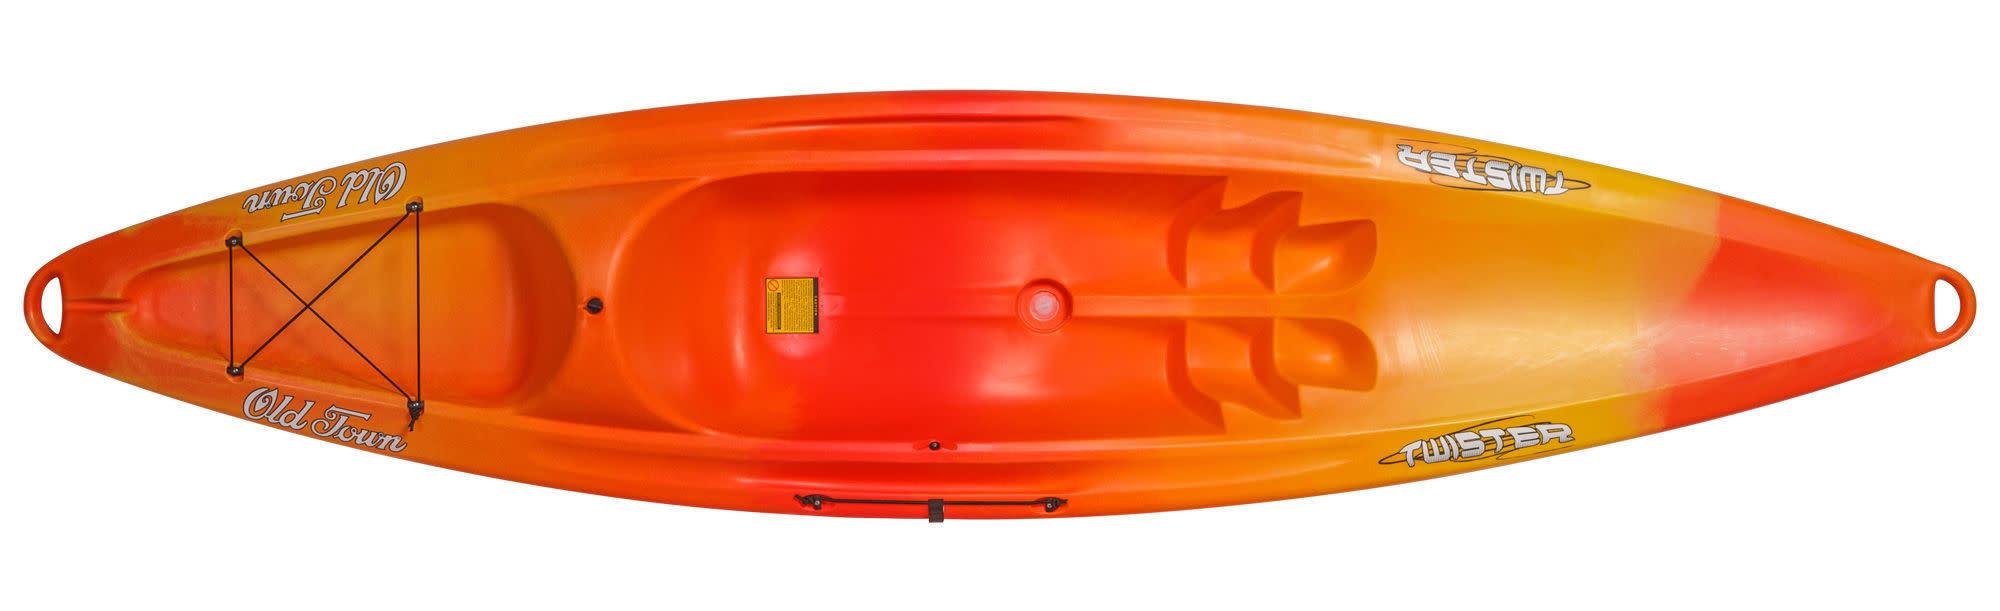 Old Town Twister Sit on Top Kayak Orange-1